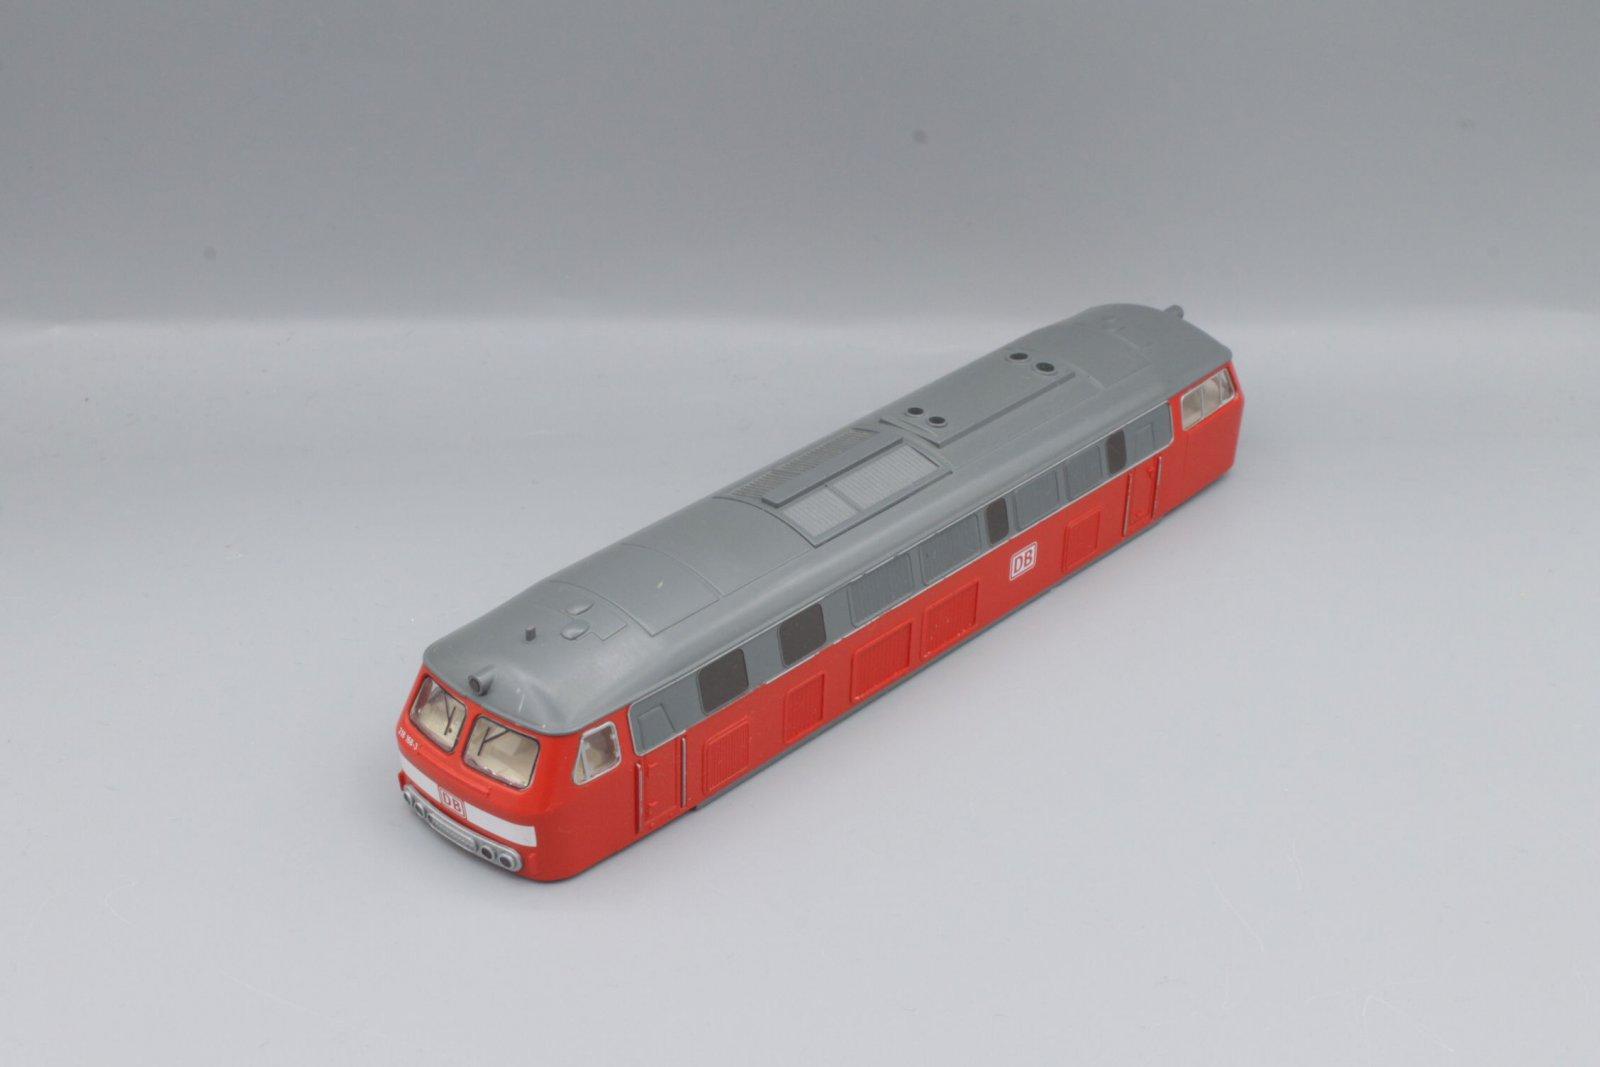 Ersatzteil Piko H0 218 296-2 Gehäuse verkehrsrot DB AG -kleiner Fehler